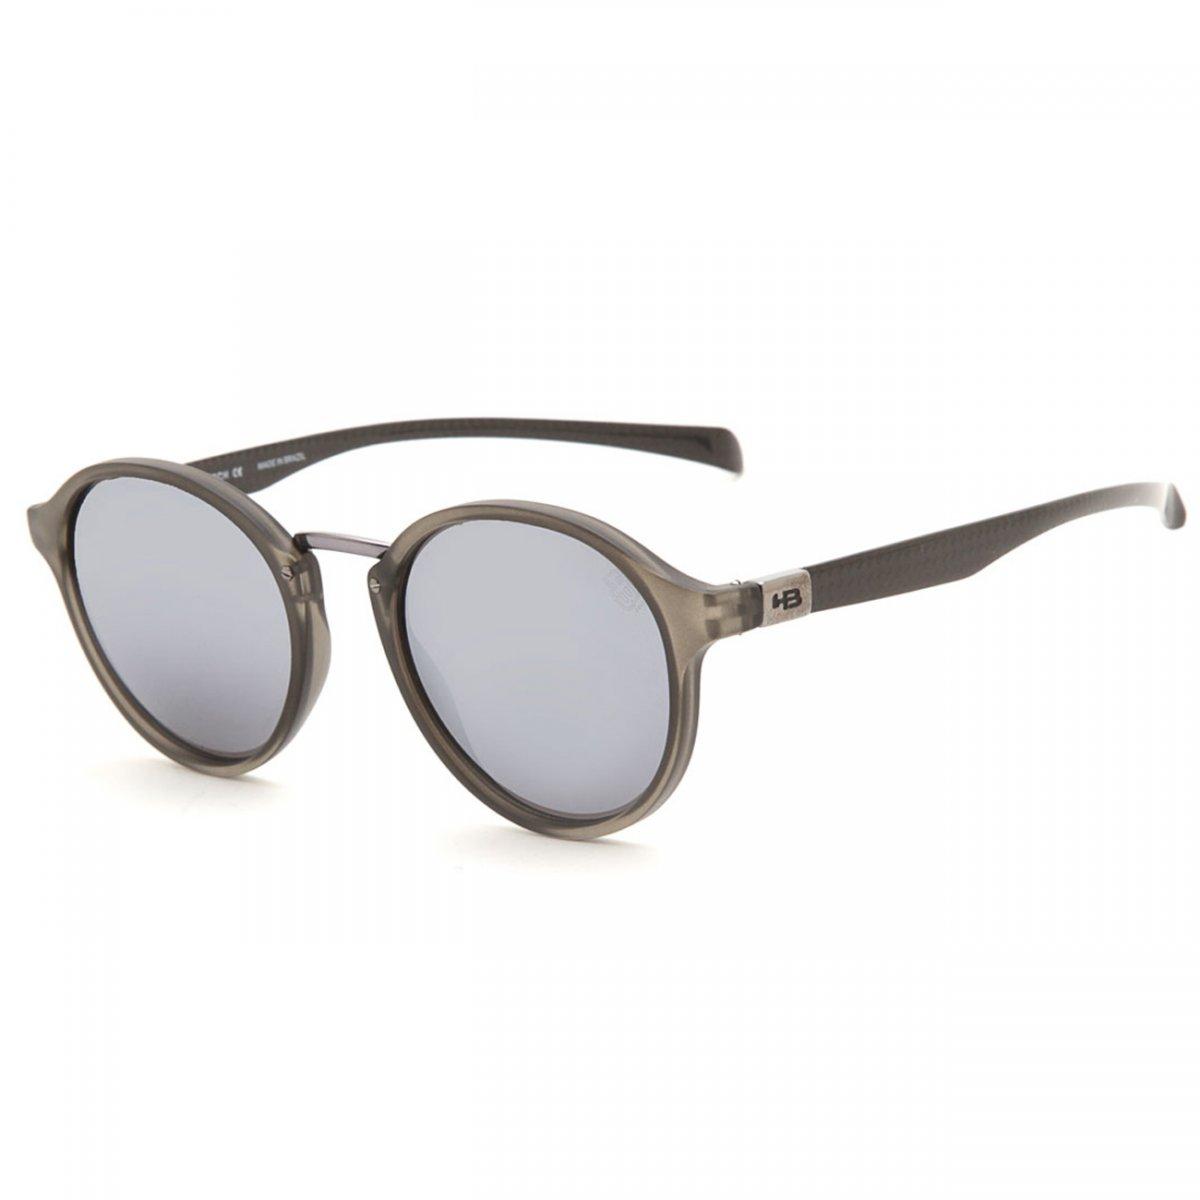 Oculos HB Brighton Espelhado 9012929788 - Onyx espelho - Chuteira ... 55831c4544